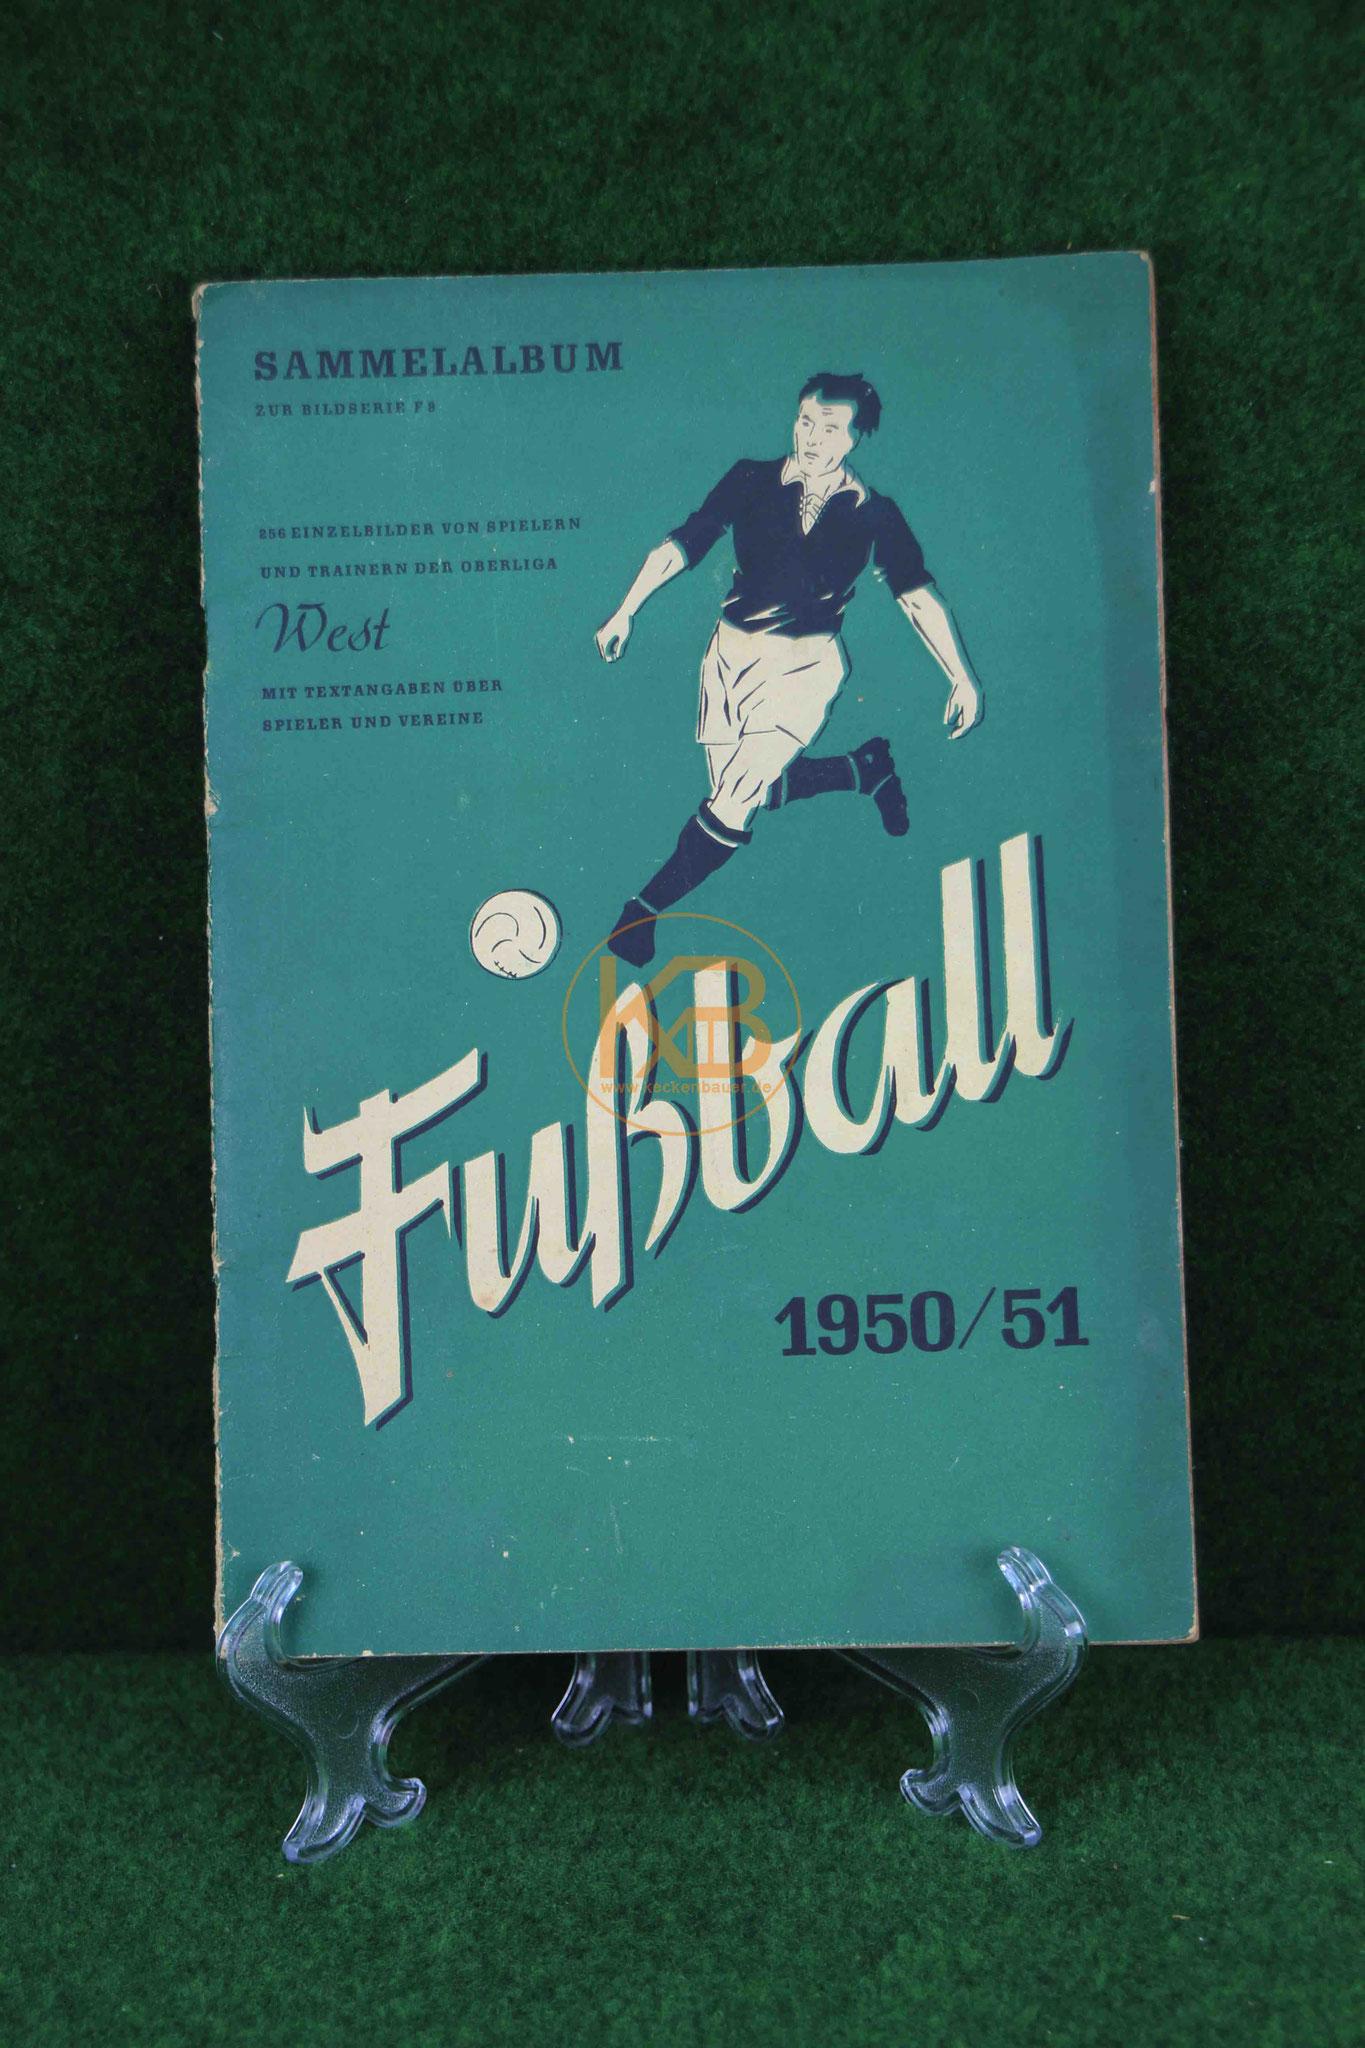 Sammelalbum Serie F6, Quita Werke Augsburg 1950/51, Oberliga West leider nicht vollständig also wer noch Bilder rumliegen hat immer her damit.